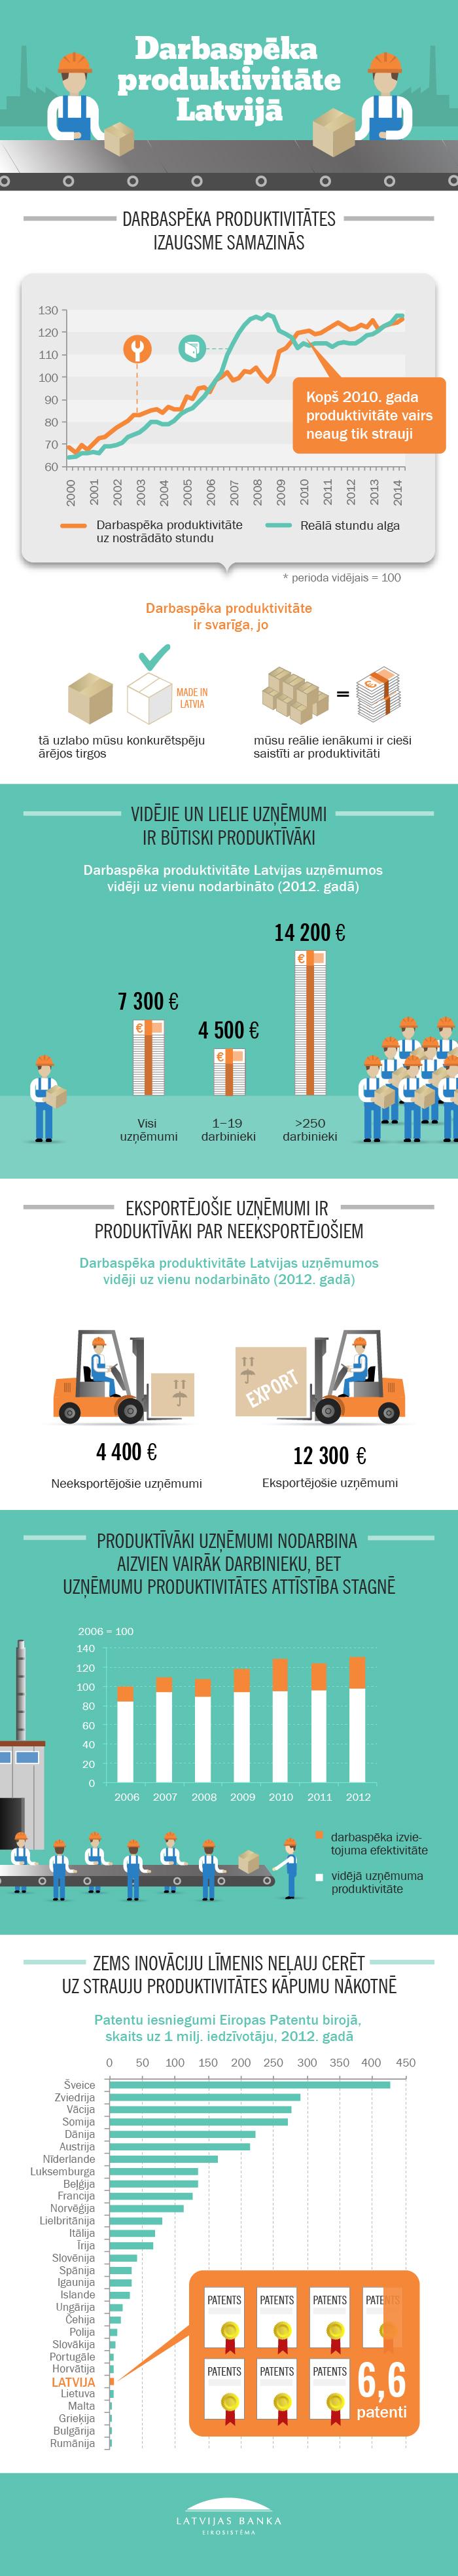 Infografika: Darbaspēka produktivitāte Latvijā